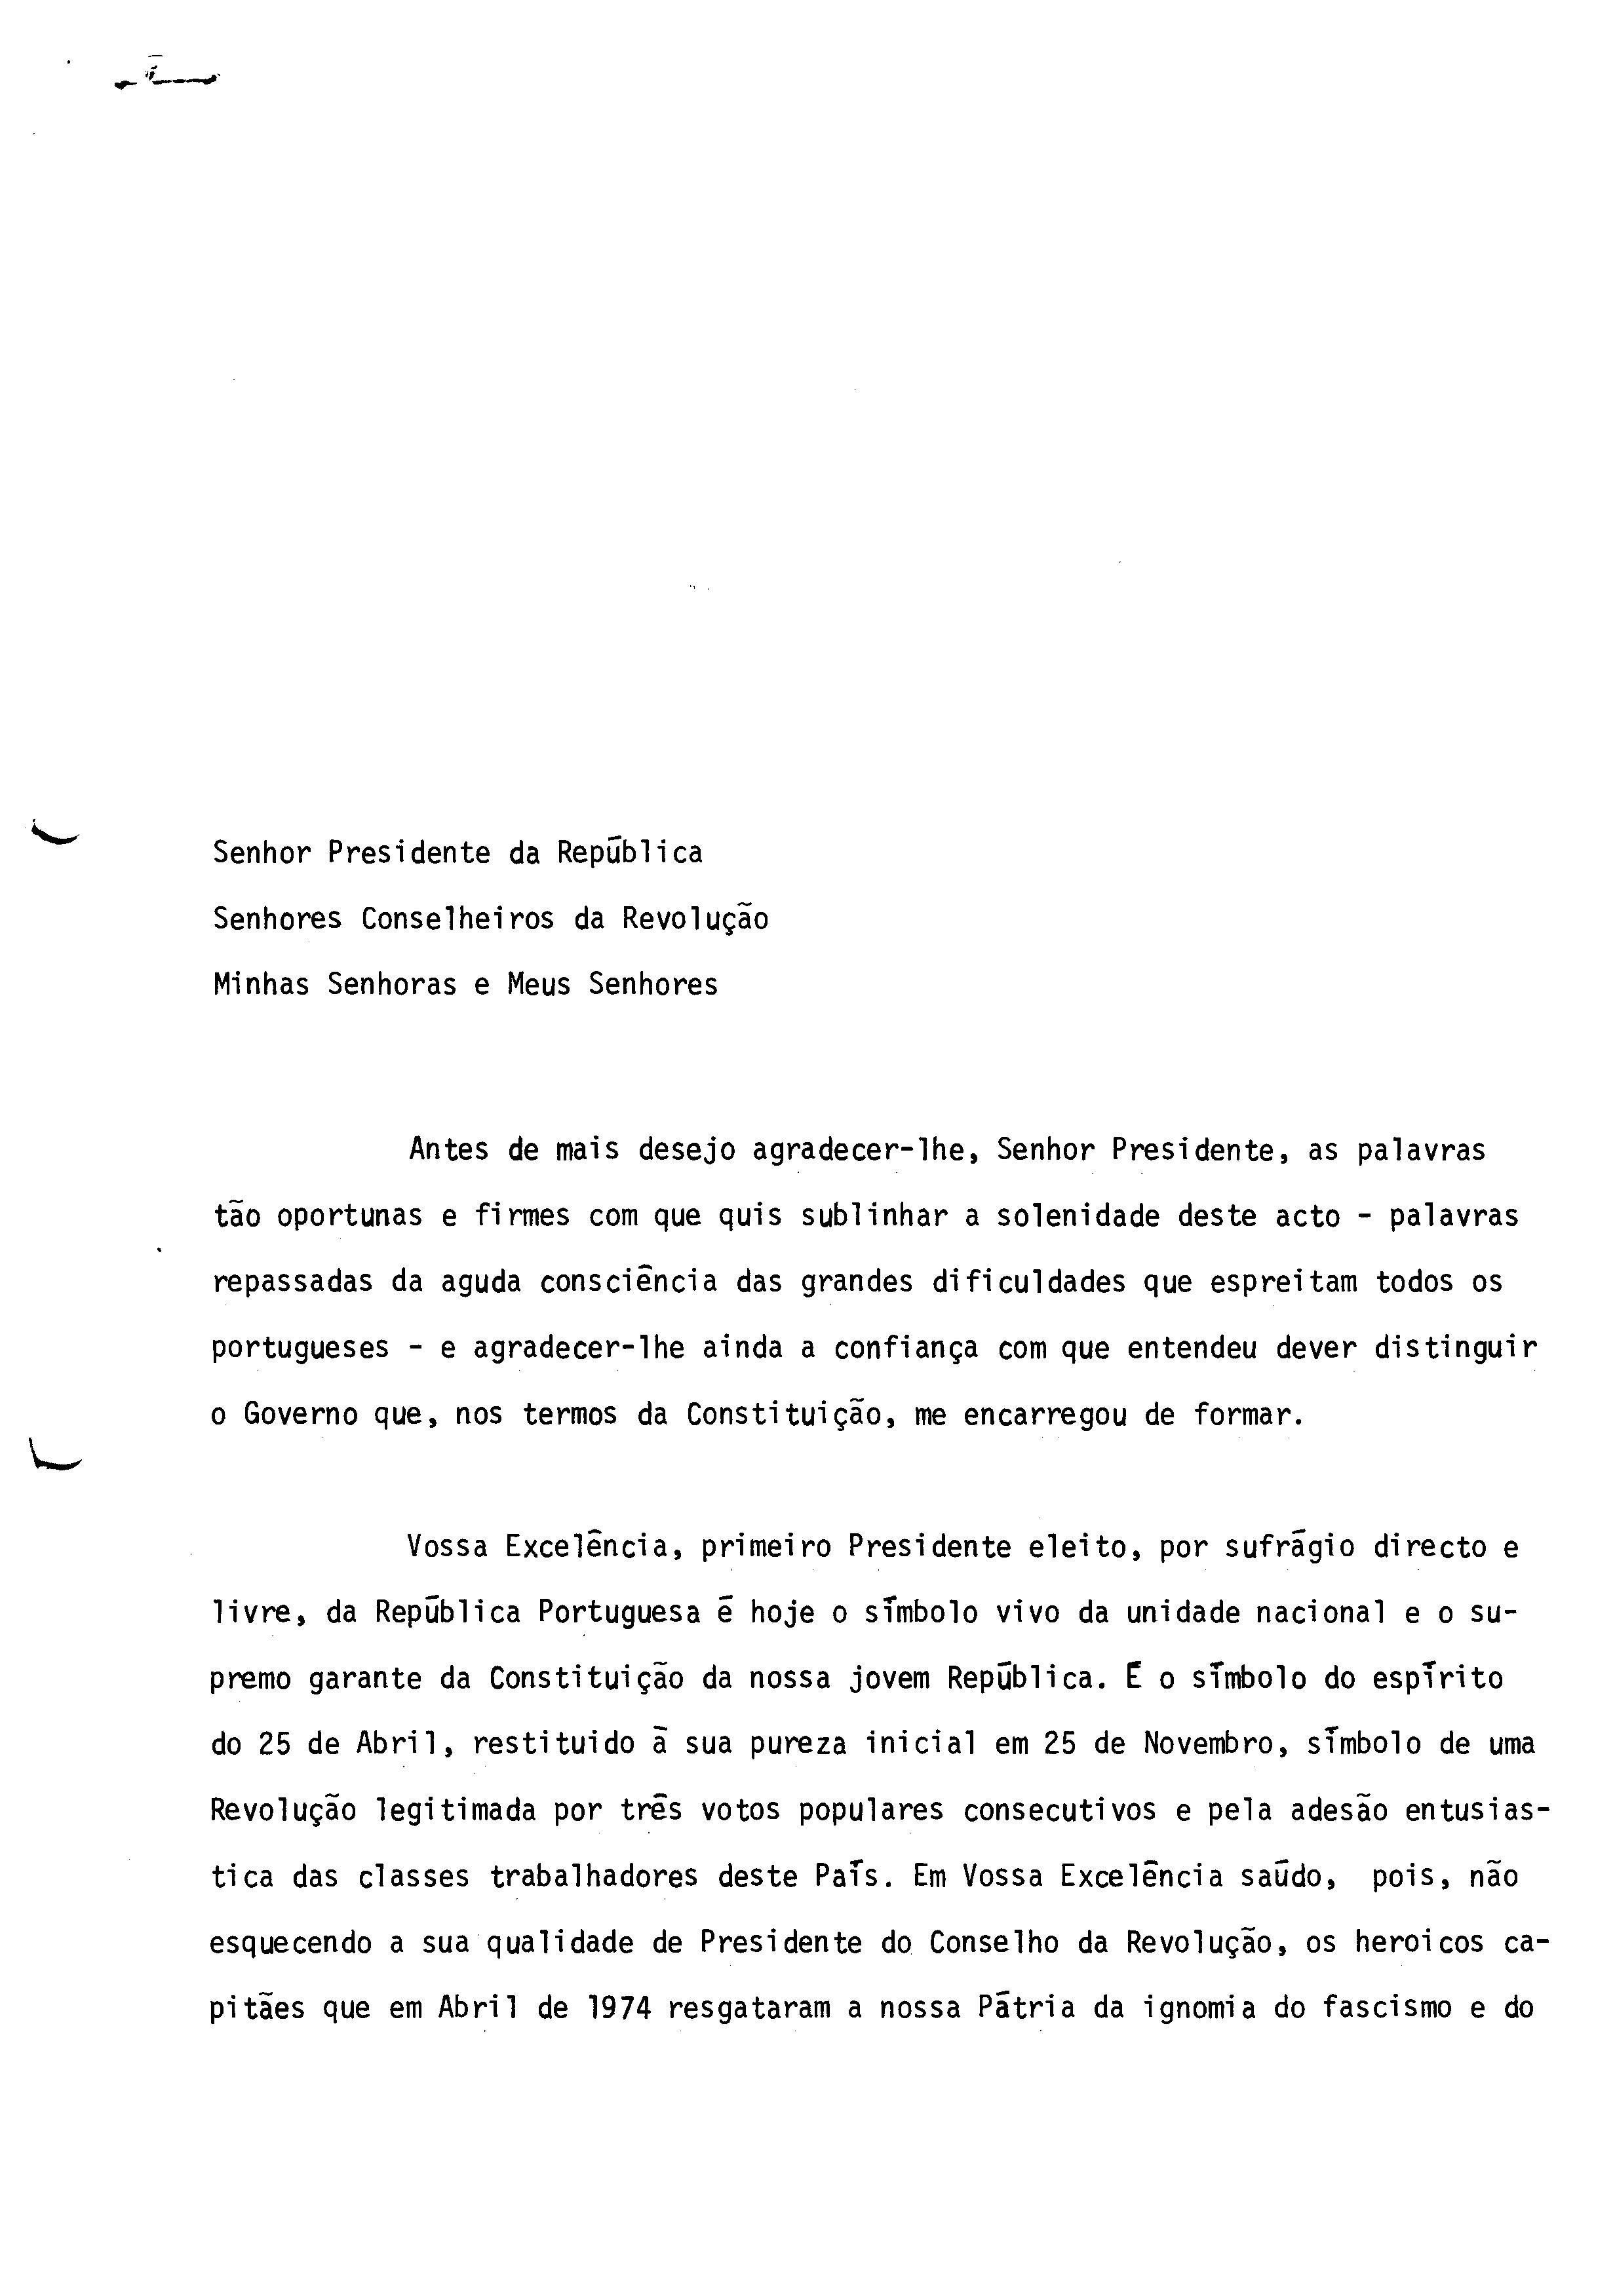 00814.002- pag.1